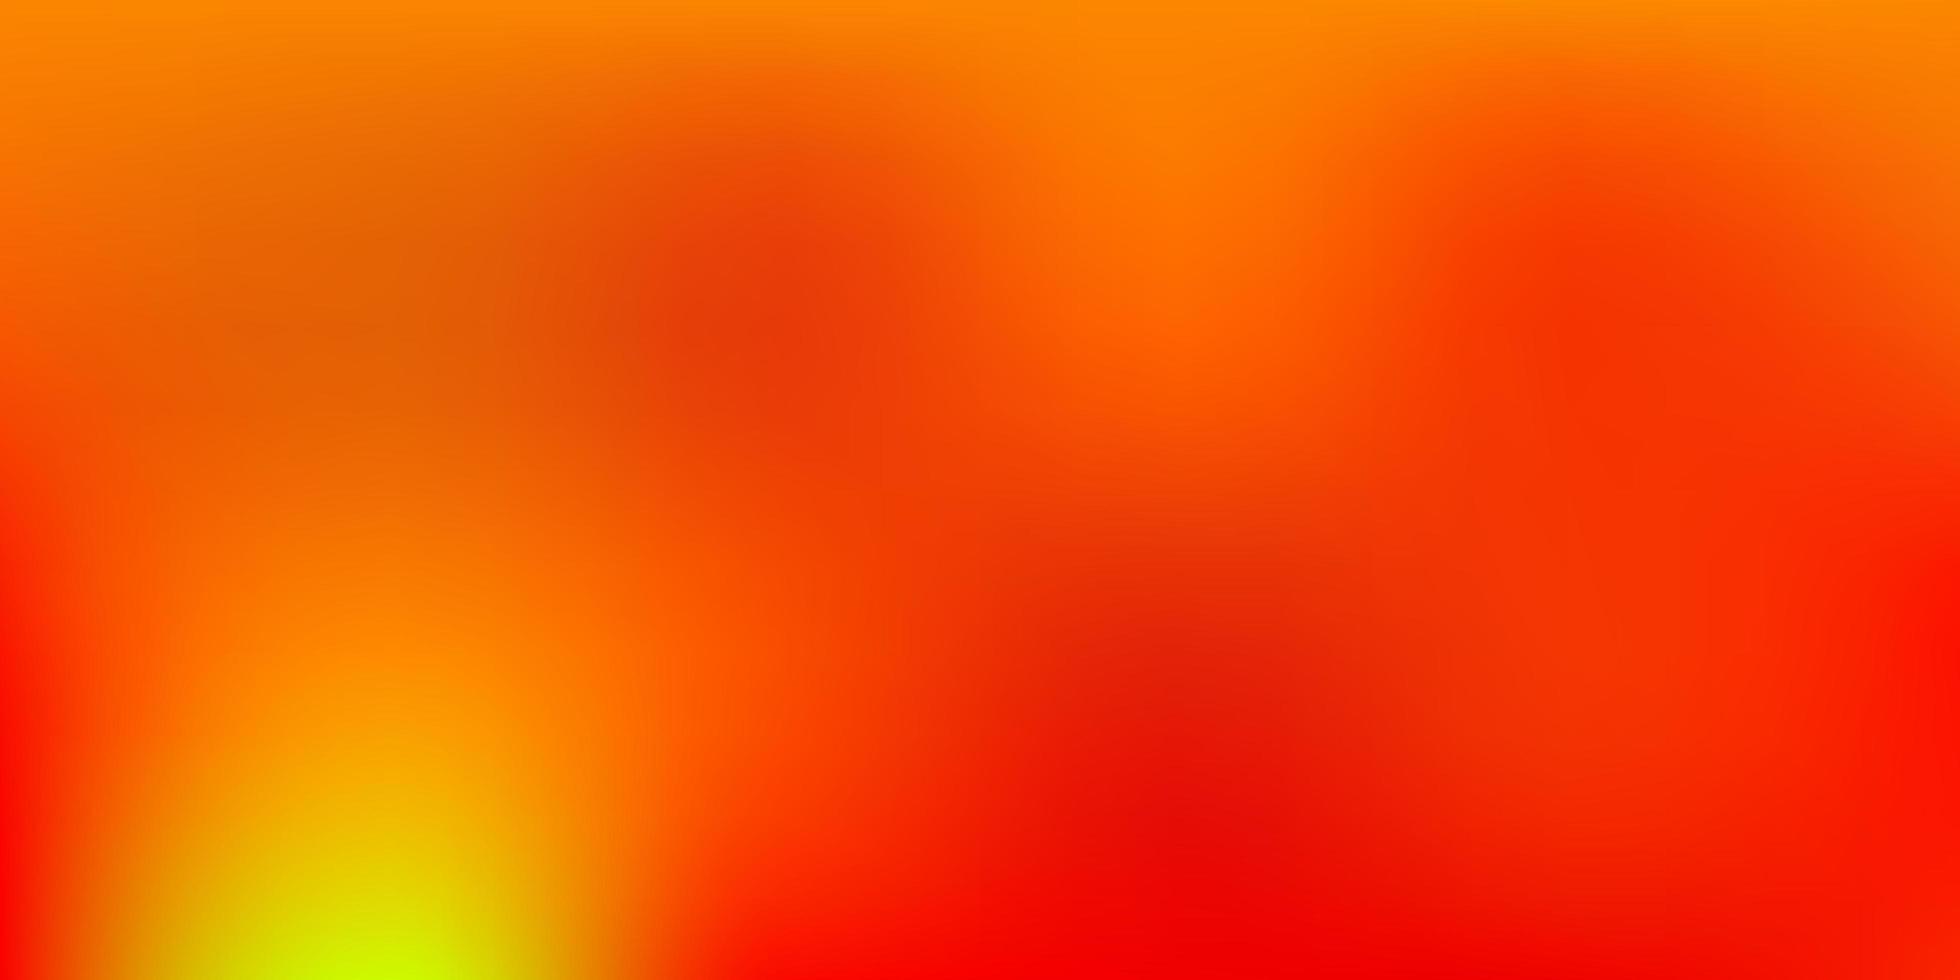 layout borrado de vetor laranja escuro.